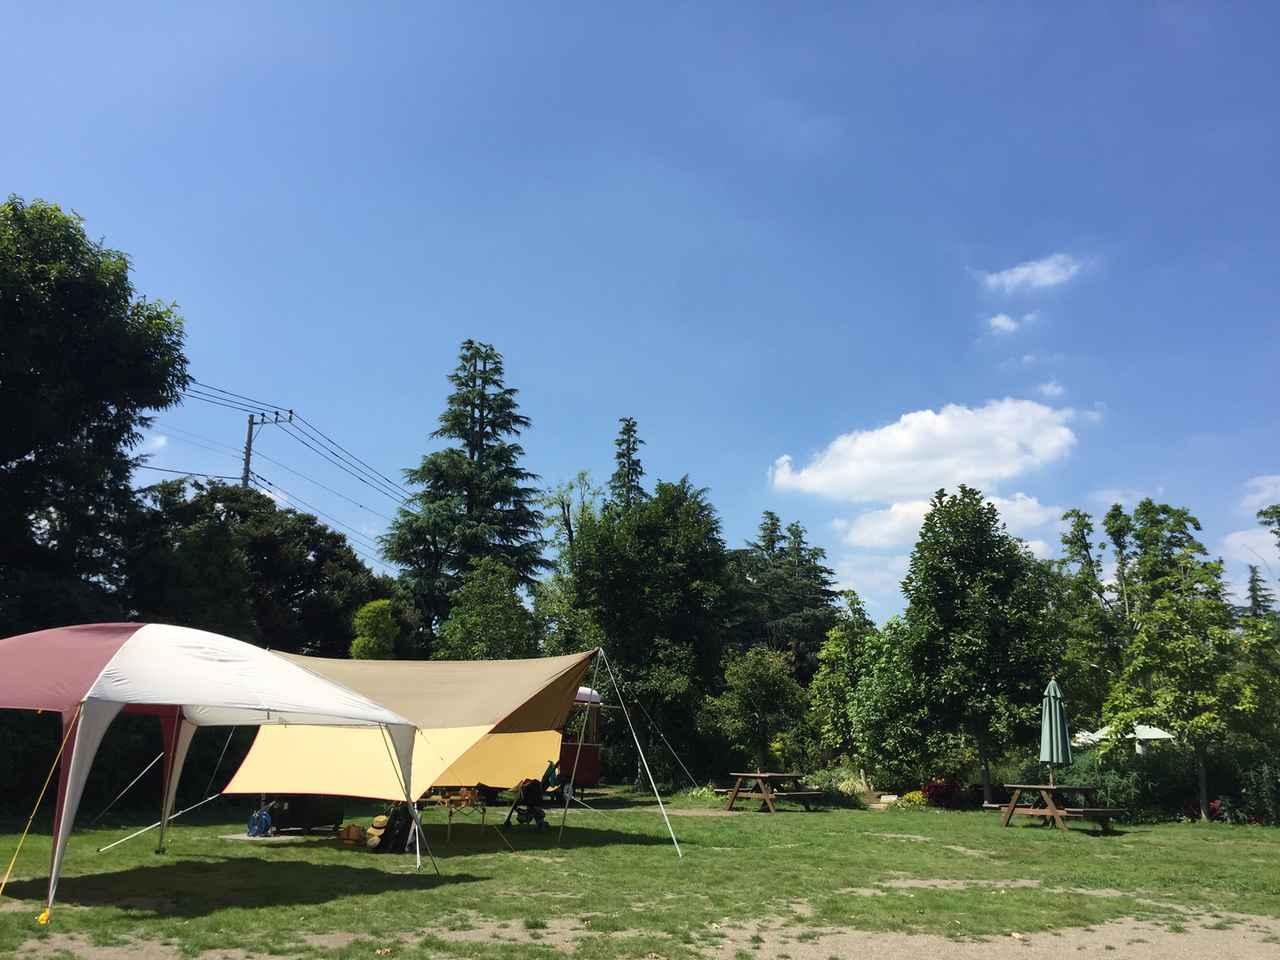 画像: 夏のキャンプは、海や山に潜む危険動植物があることを事前に知っておこう!